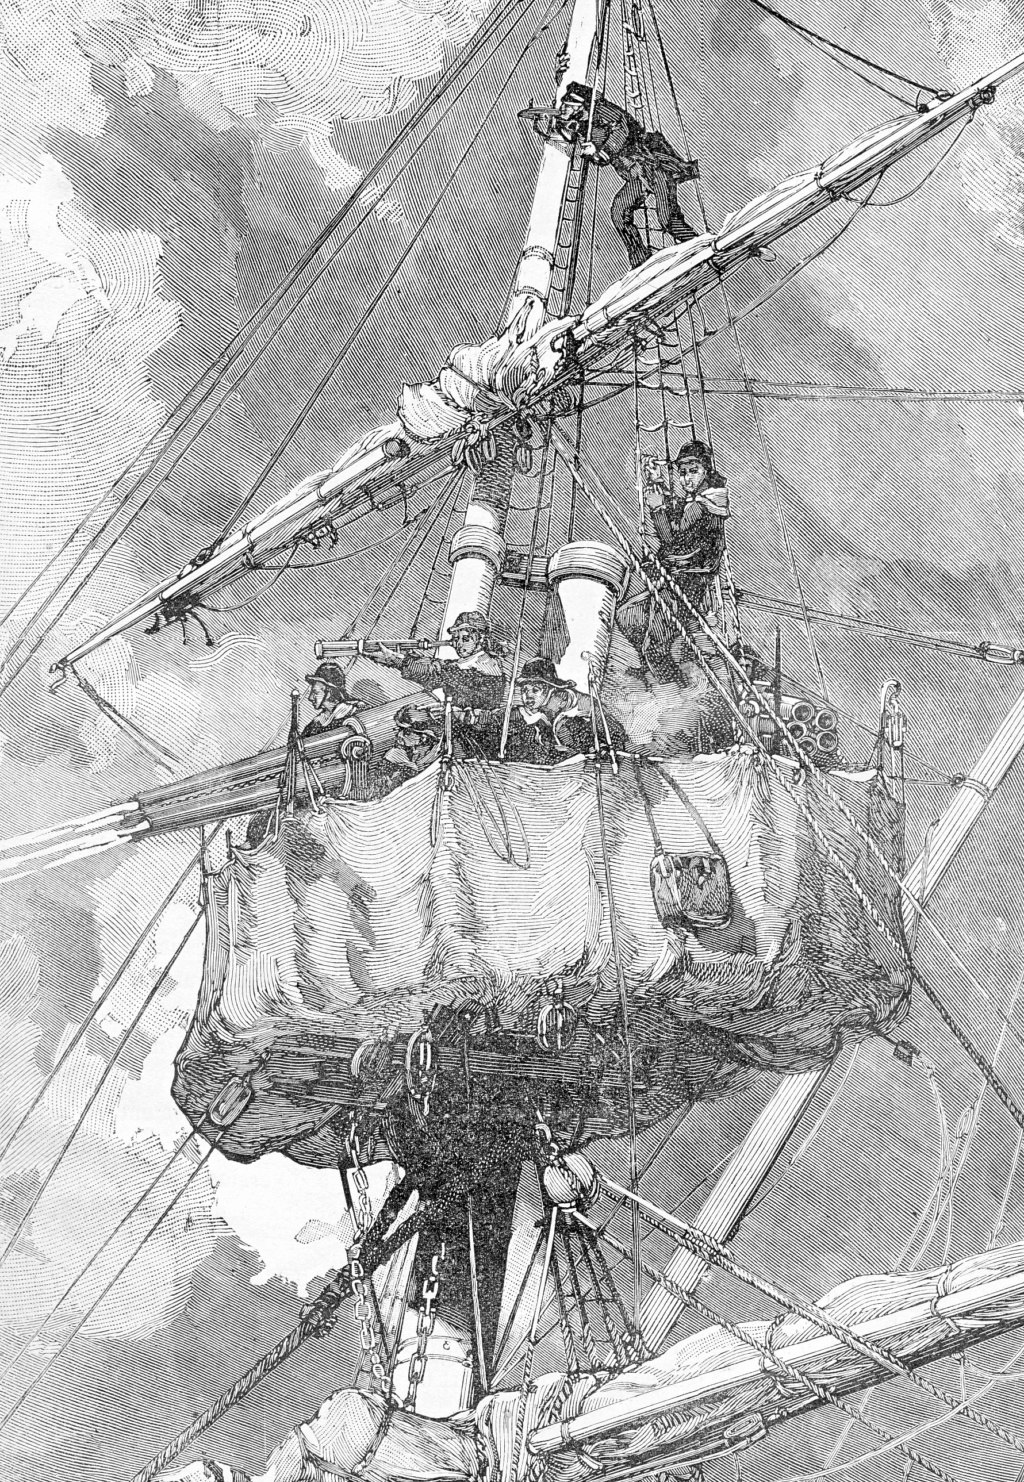 [Marine Coloniale] Grosse canonnière  1850-1920 28mm  Pluvie10